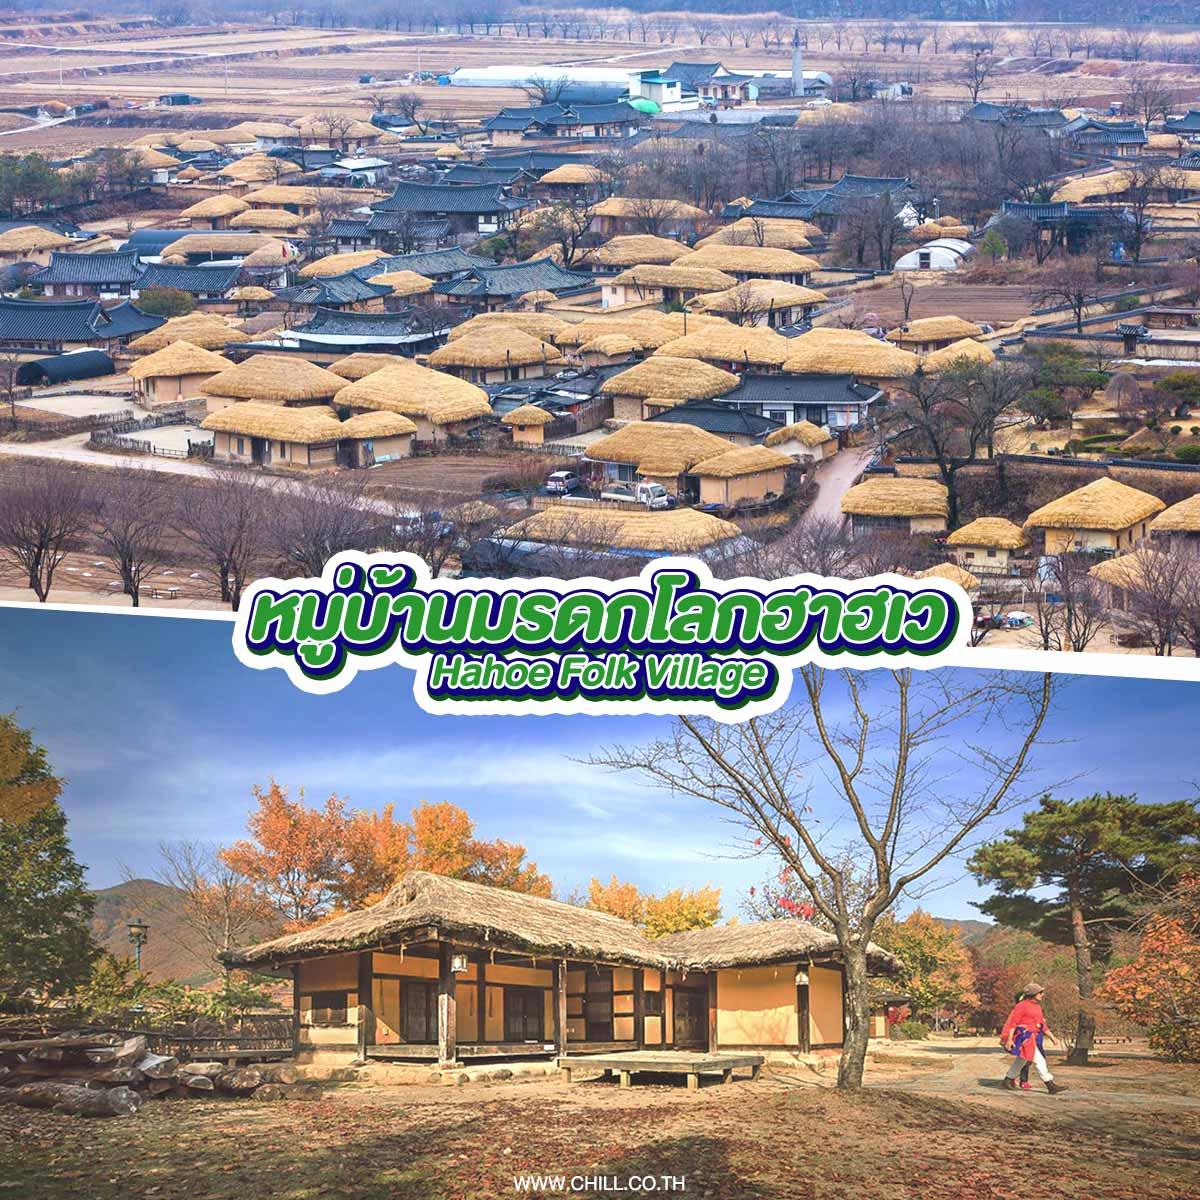 หมู่บ้านฮาฮเวยังดง